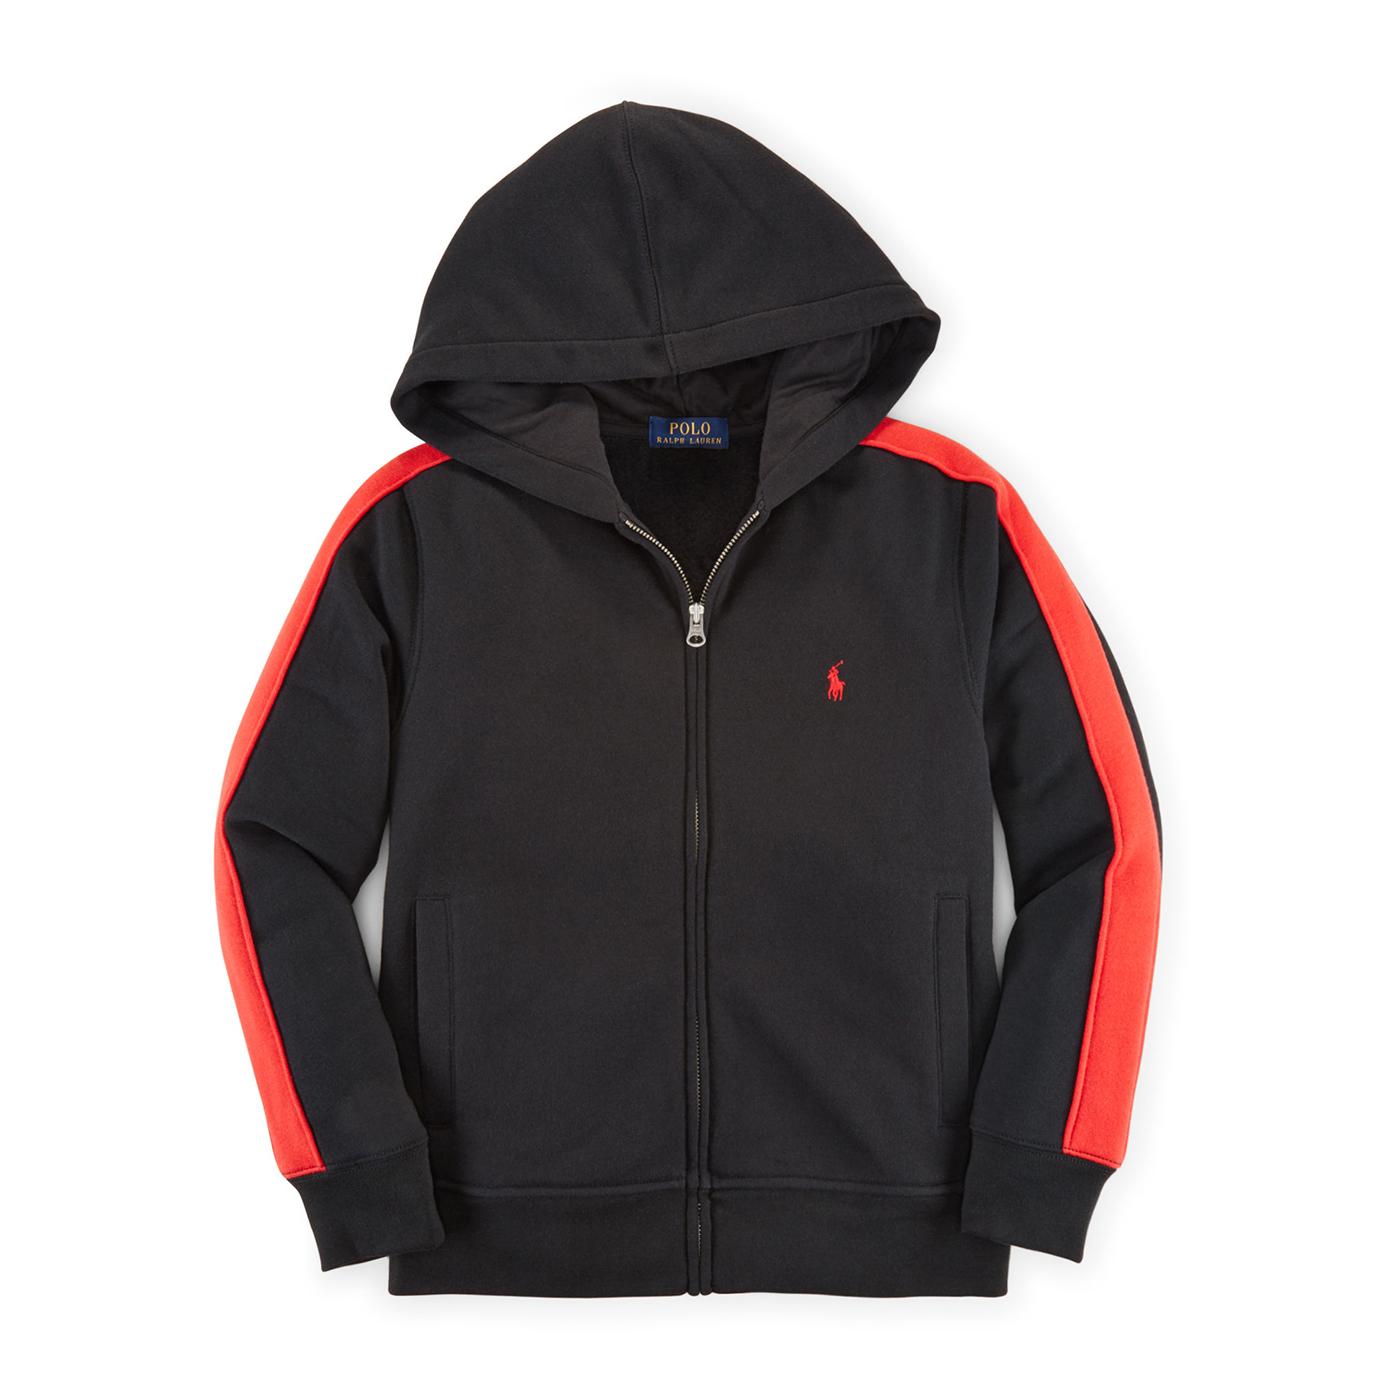 美國百分百【Ralph Lauren】RL polo 棉質 連帽 外套 夾克 小馬 紅邊 黑色 XS S號 G305